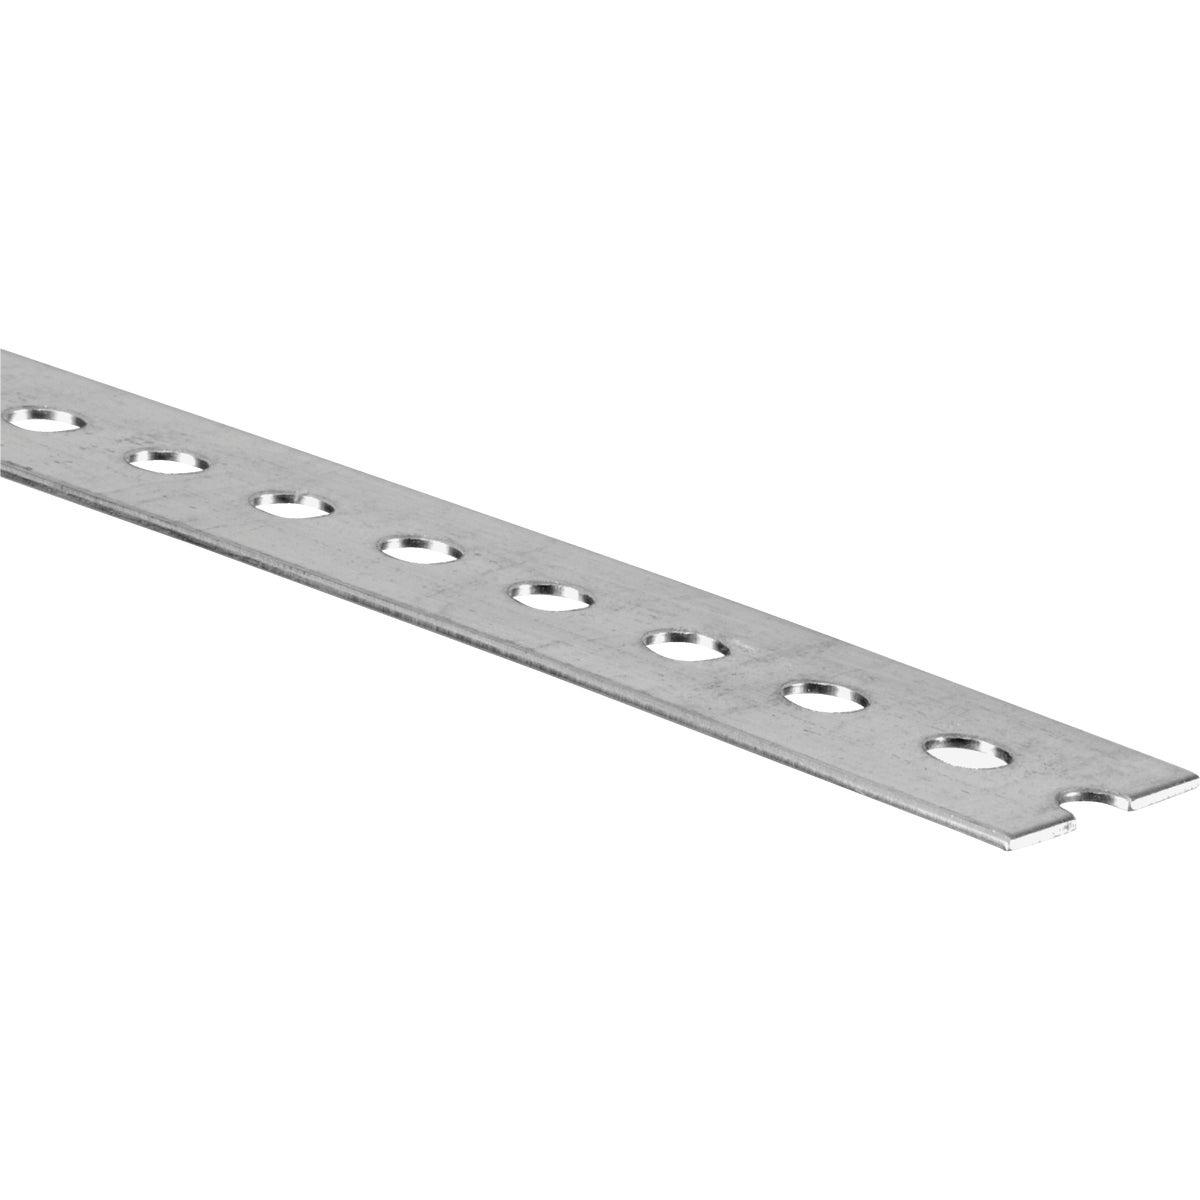 1-3/8X3' SLTD FLAT PLATE